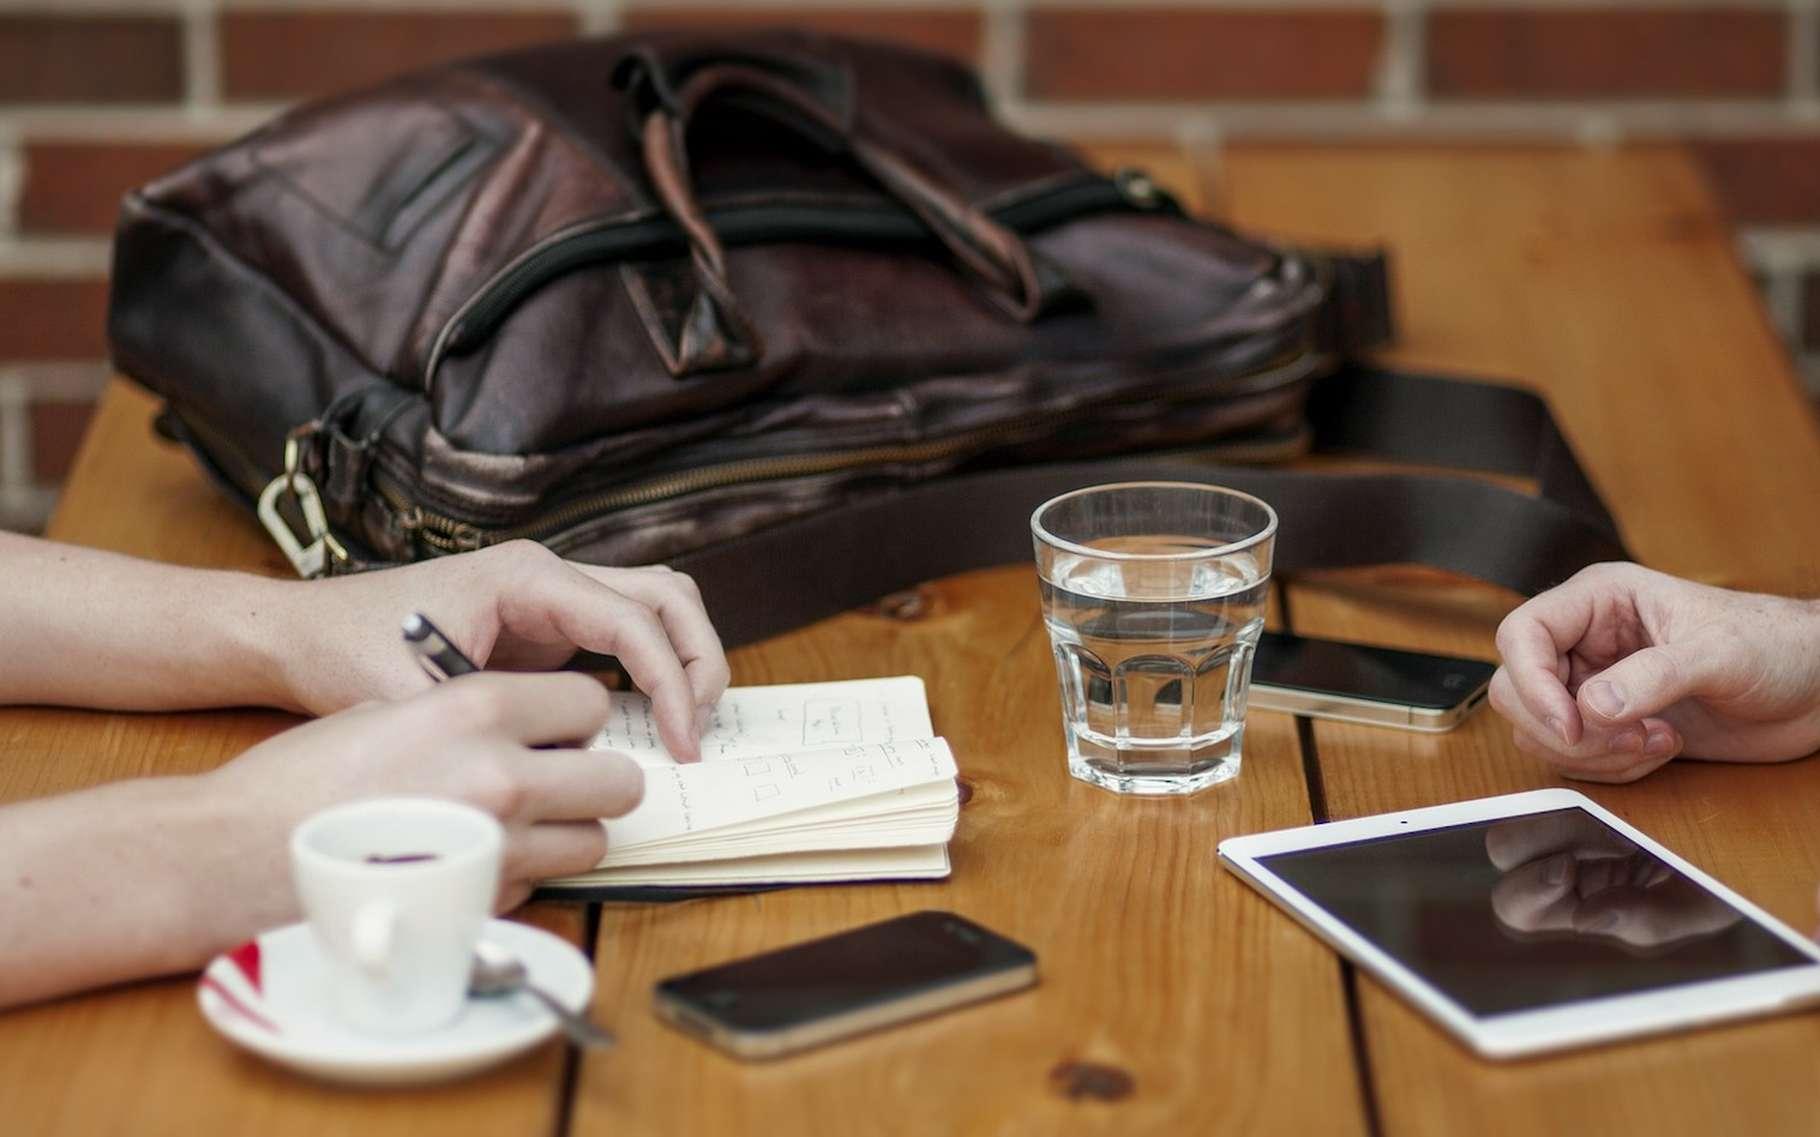 Travailler avec son smartphone posé devant soi ne serait pas une bonne idée. Car la proximité de l'appareil – allumé ou éteint – aurait tendance à diminuer nos capacités cognitives, selon une étude. © Unsplash, Pixabay, CC0 Public Domain